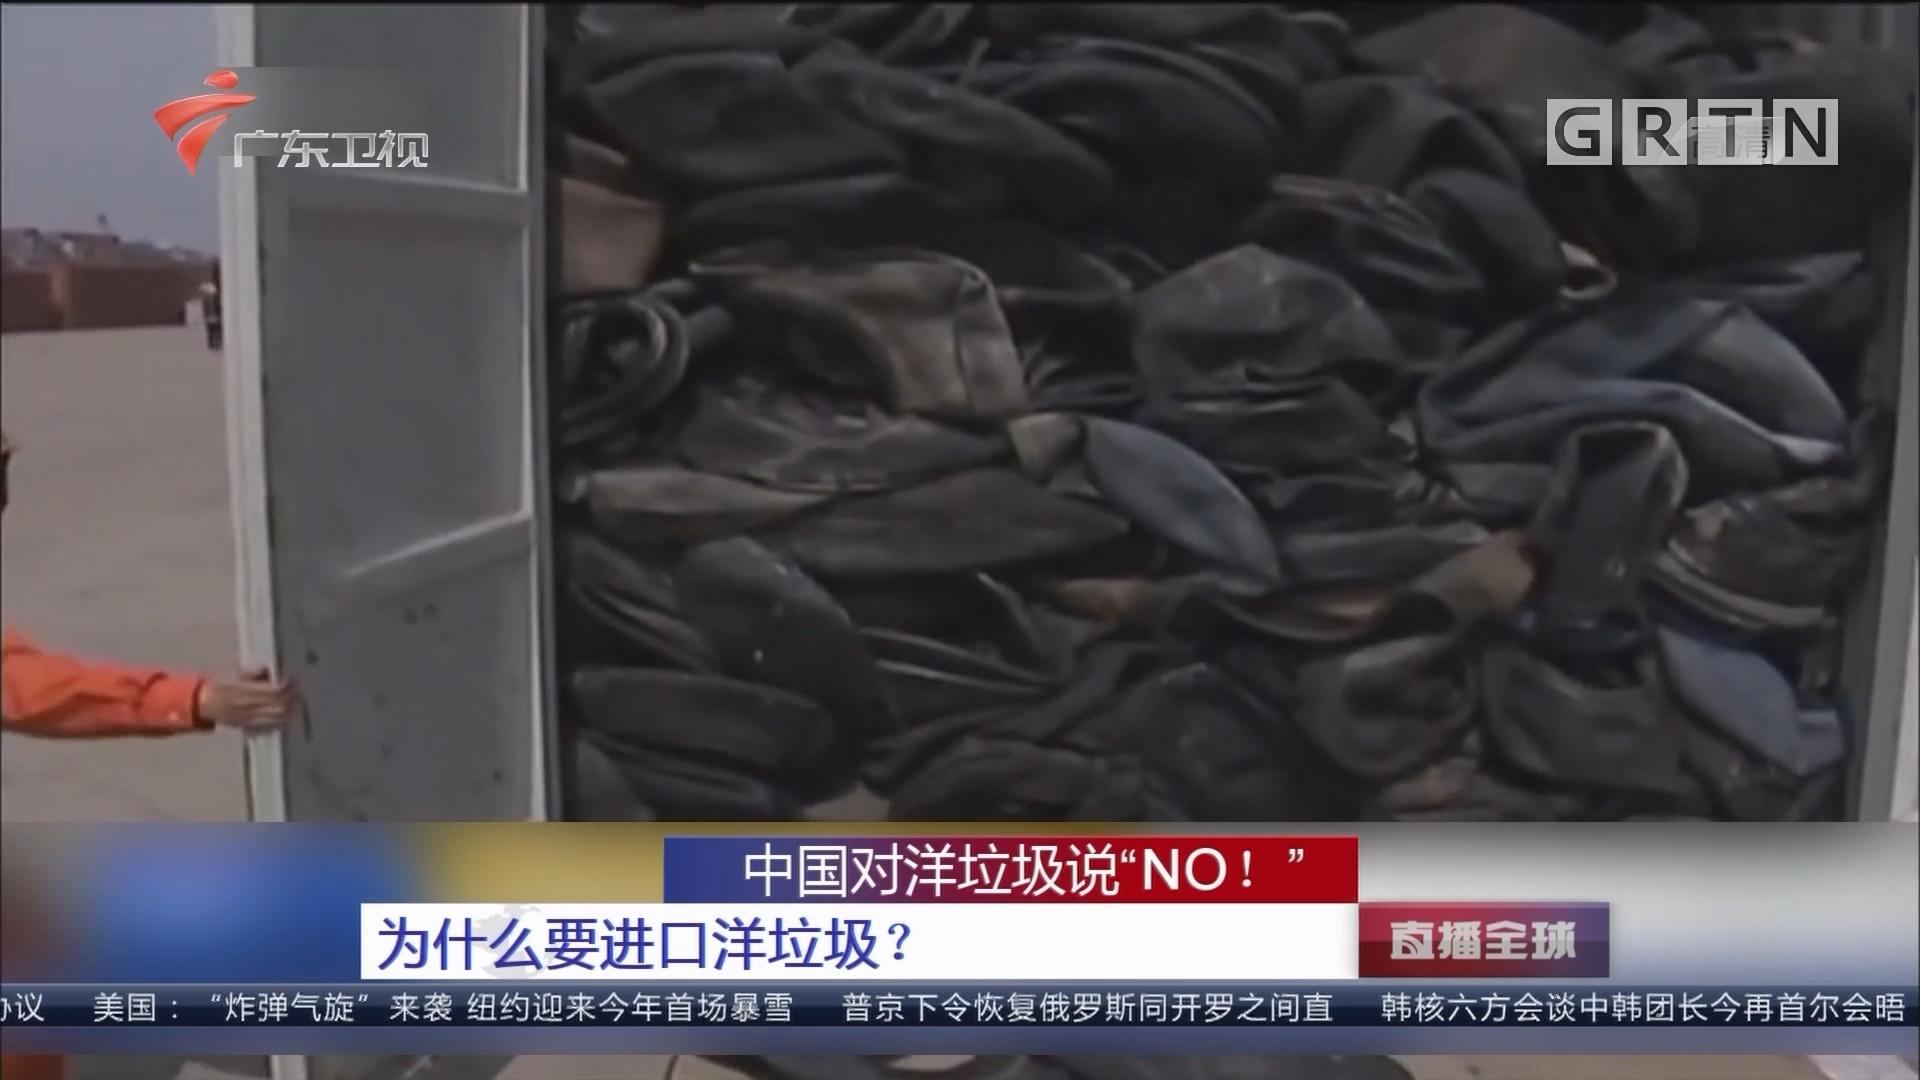 """中国对洋垃圾说""""NO!"""" 为什么要进口洋垃圾?"""